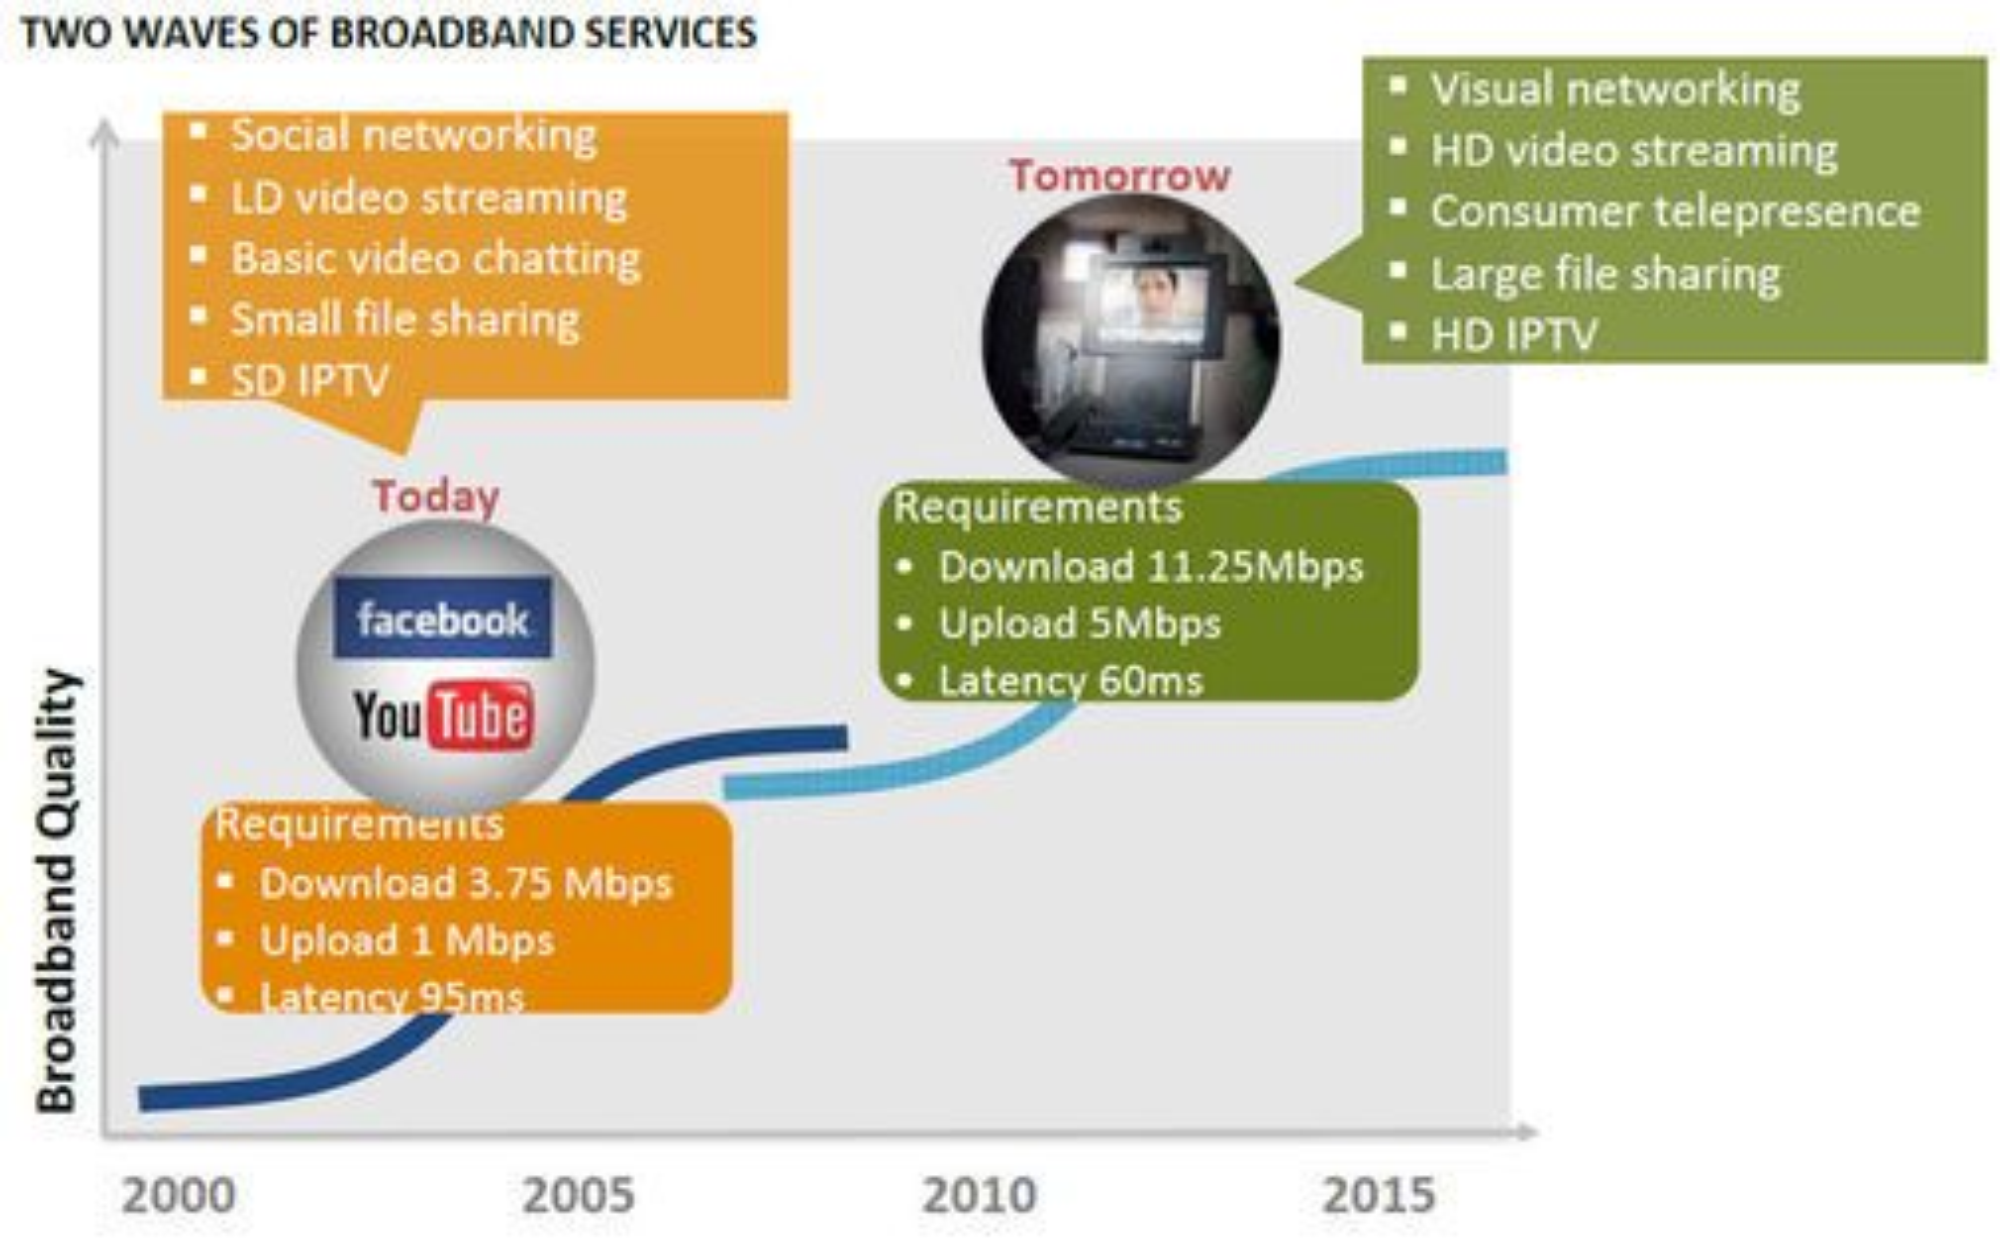 Dagens og morgendagens behov for bredbåndshastigheter, ifølge Cisco.